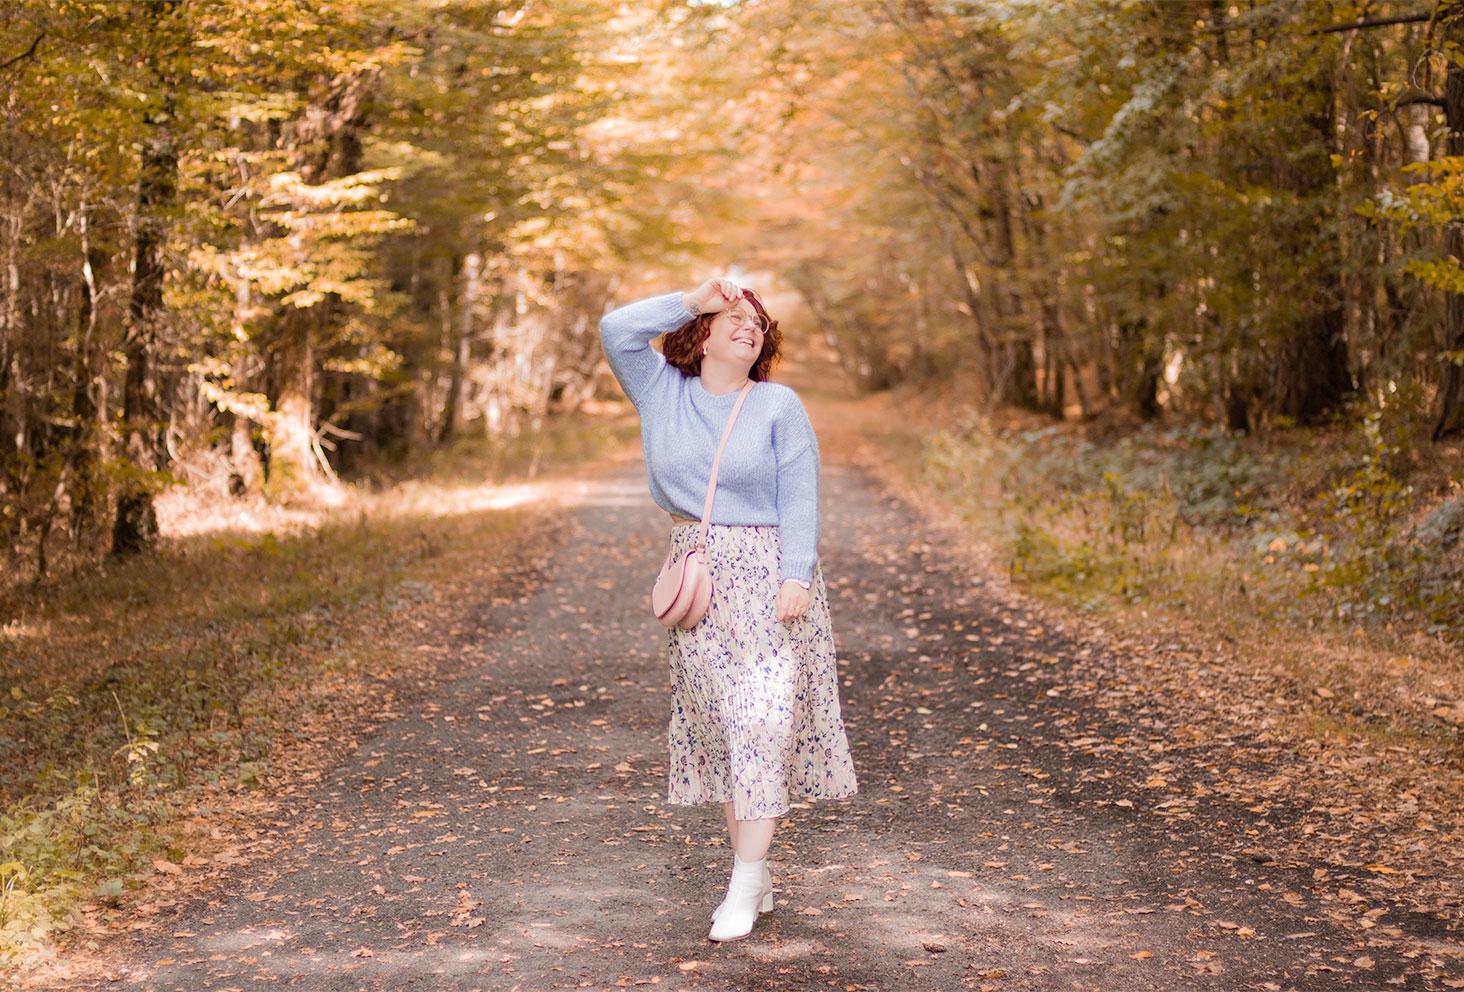 Dans une allée au milieu des bois, une main sur la tête avec le sourire, en jupe longue et pull en laine bleu pastel